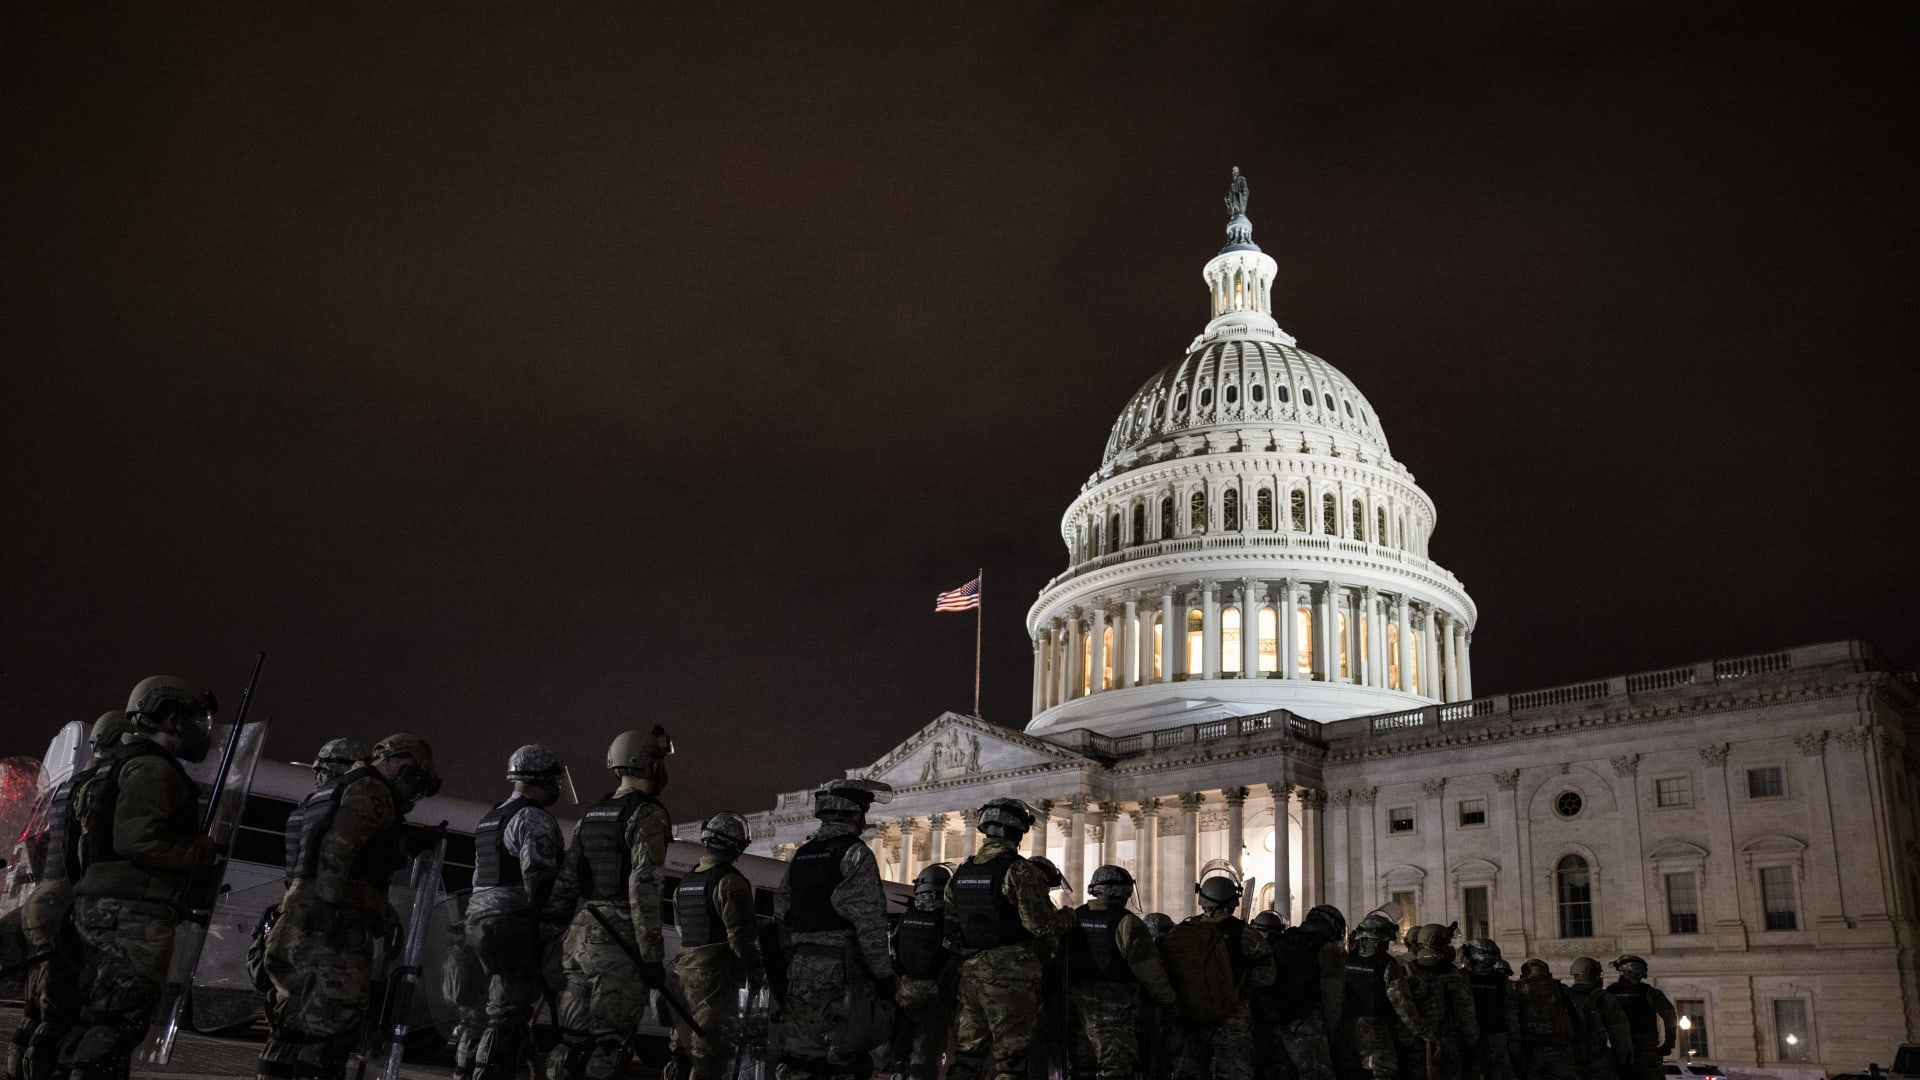 مسؤول بالبنتاغون لـCNN: إرسال 6200 من قوات الحرس الوطني إلى واشنطن